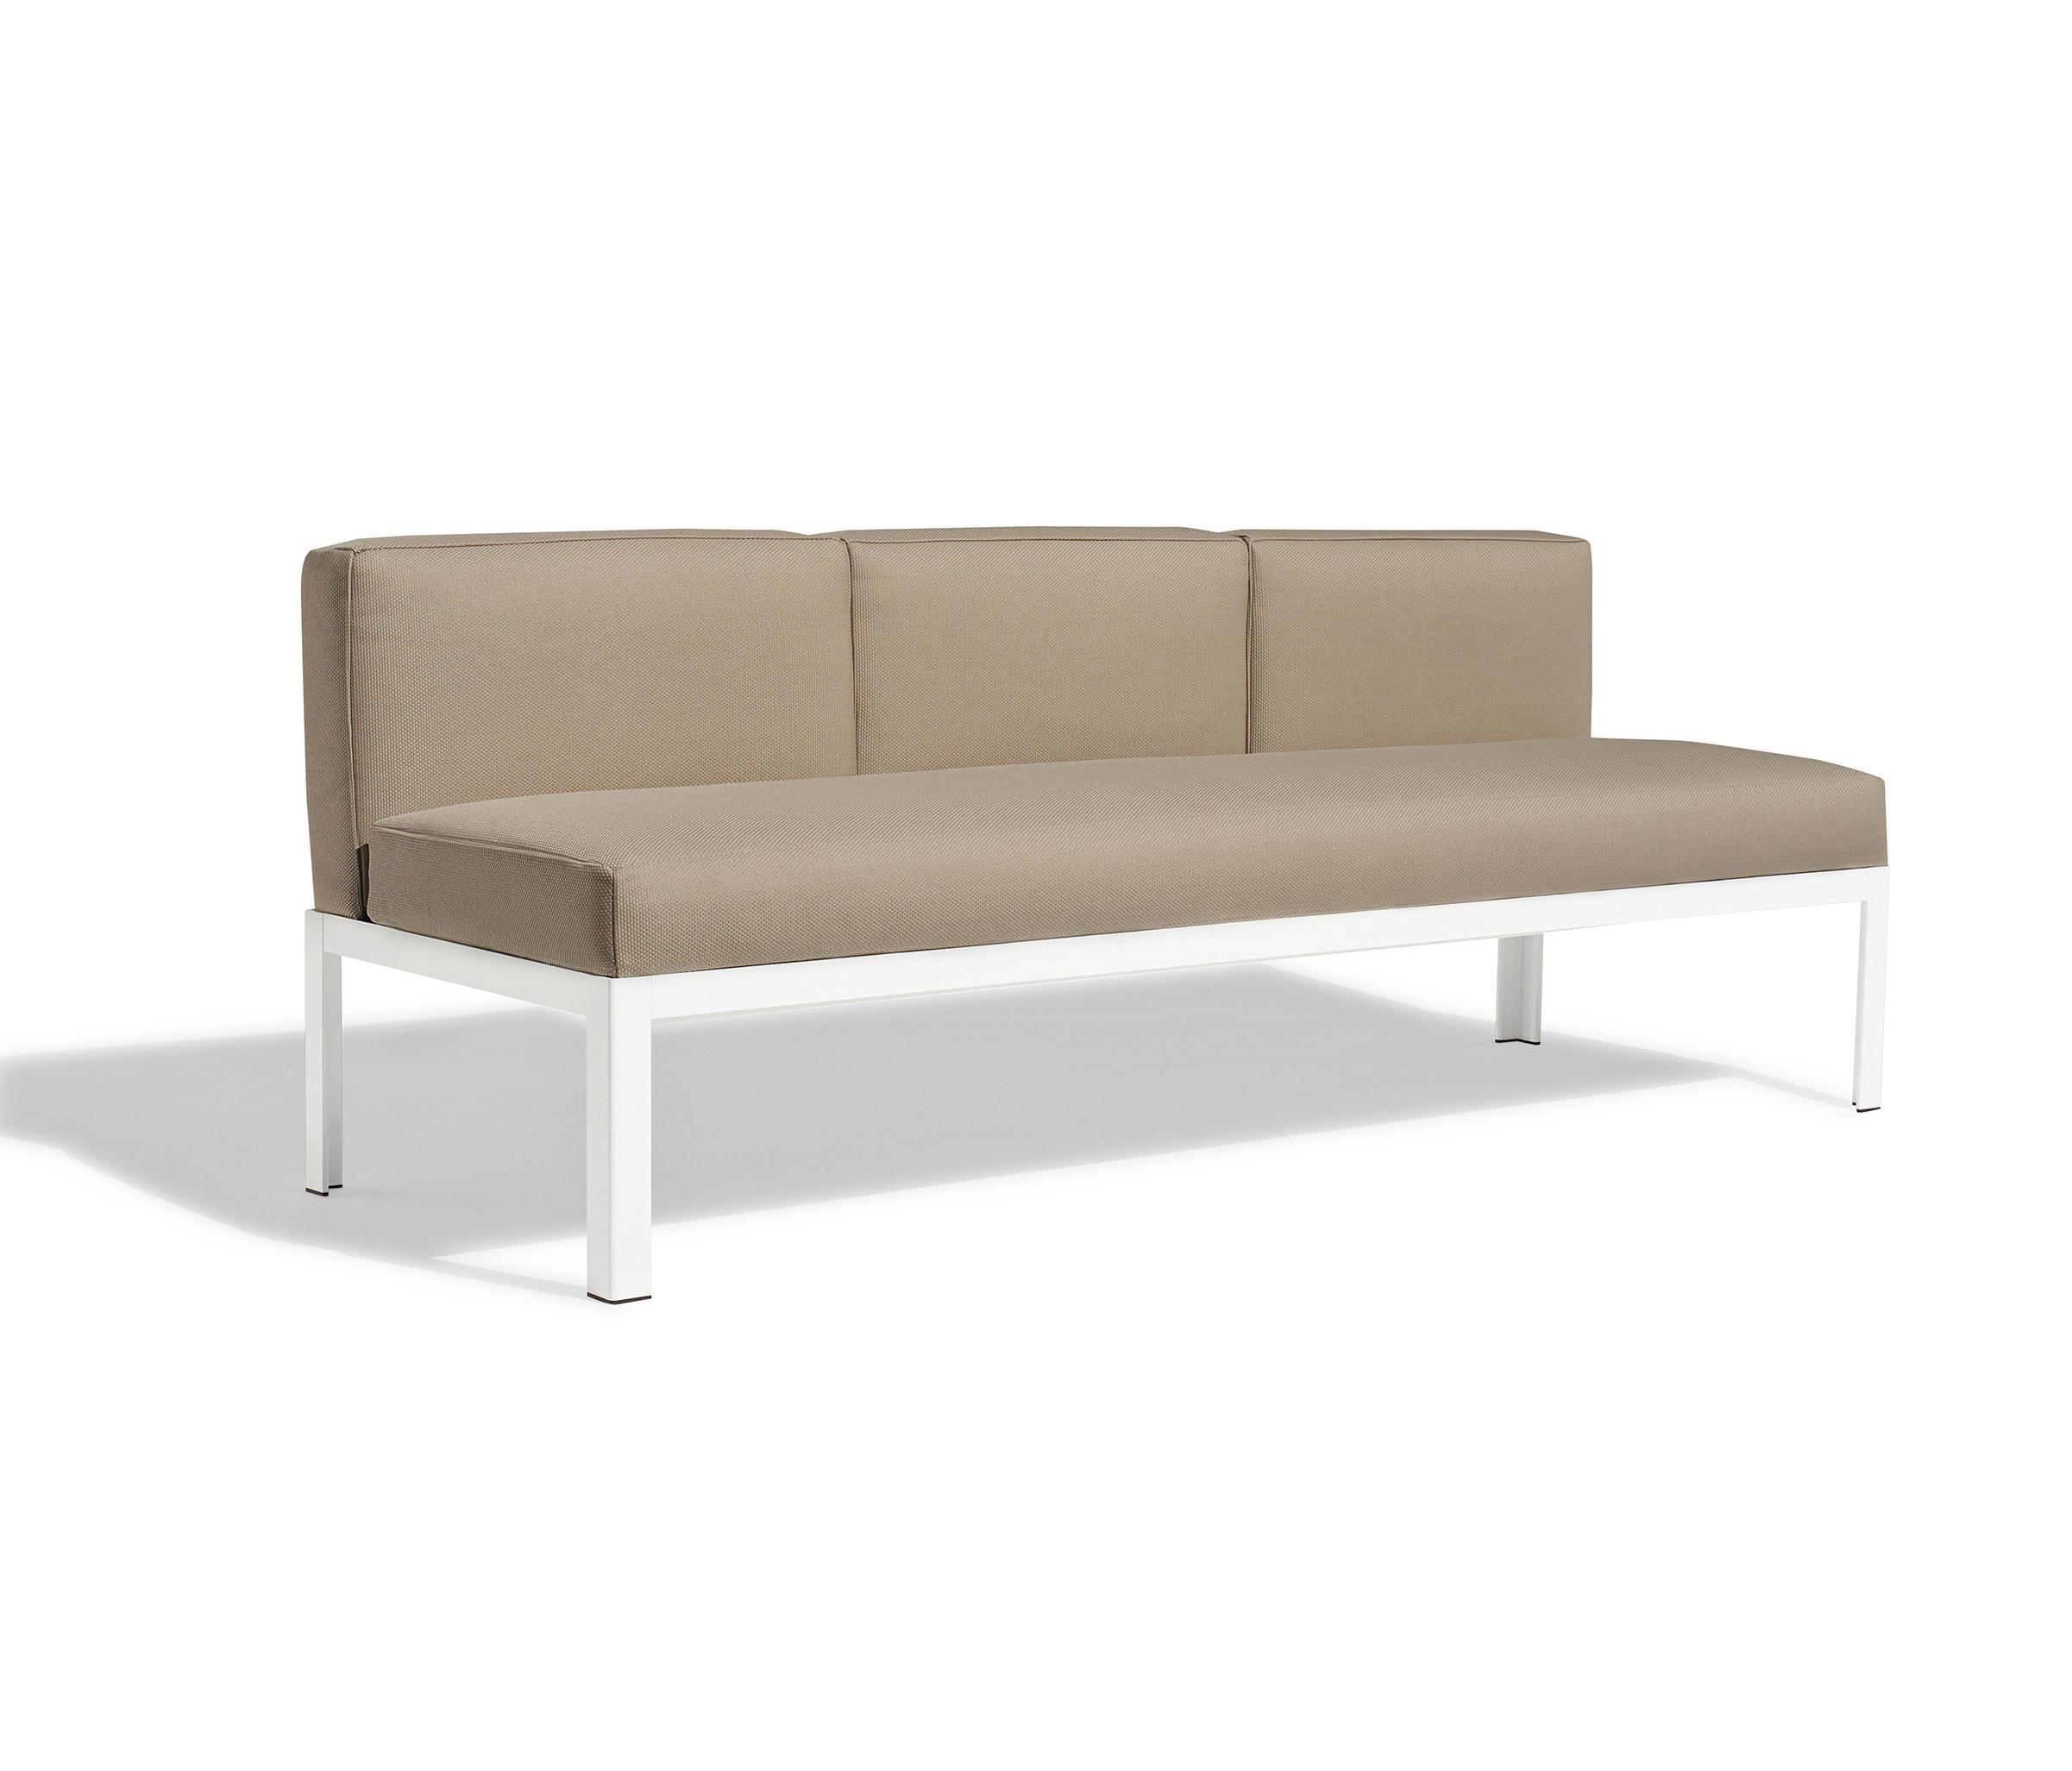 70 sofa arne norell sofa mexico 1960 70 s pinterest thesofa for Sofa 70 cm de fondo